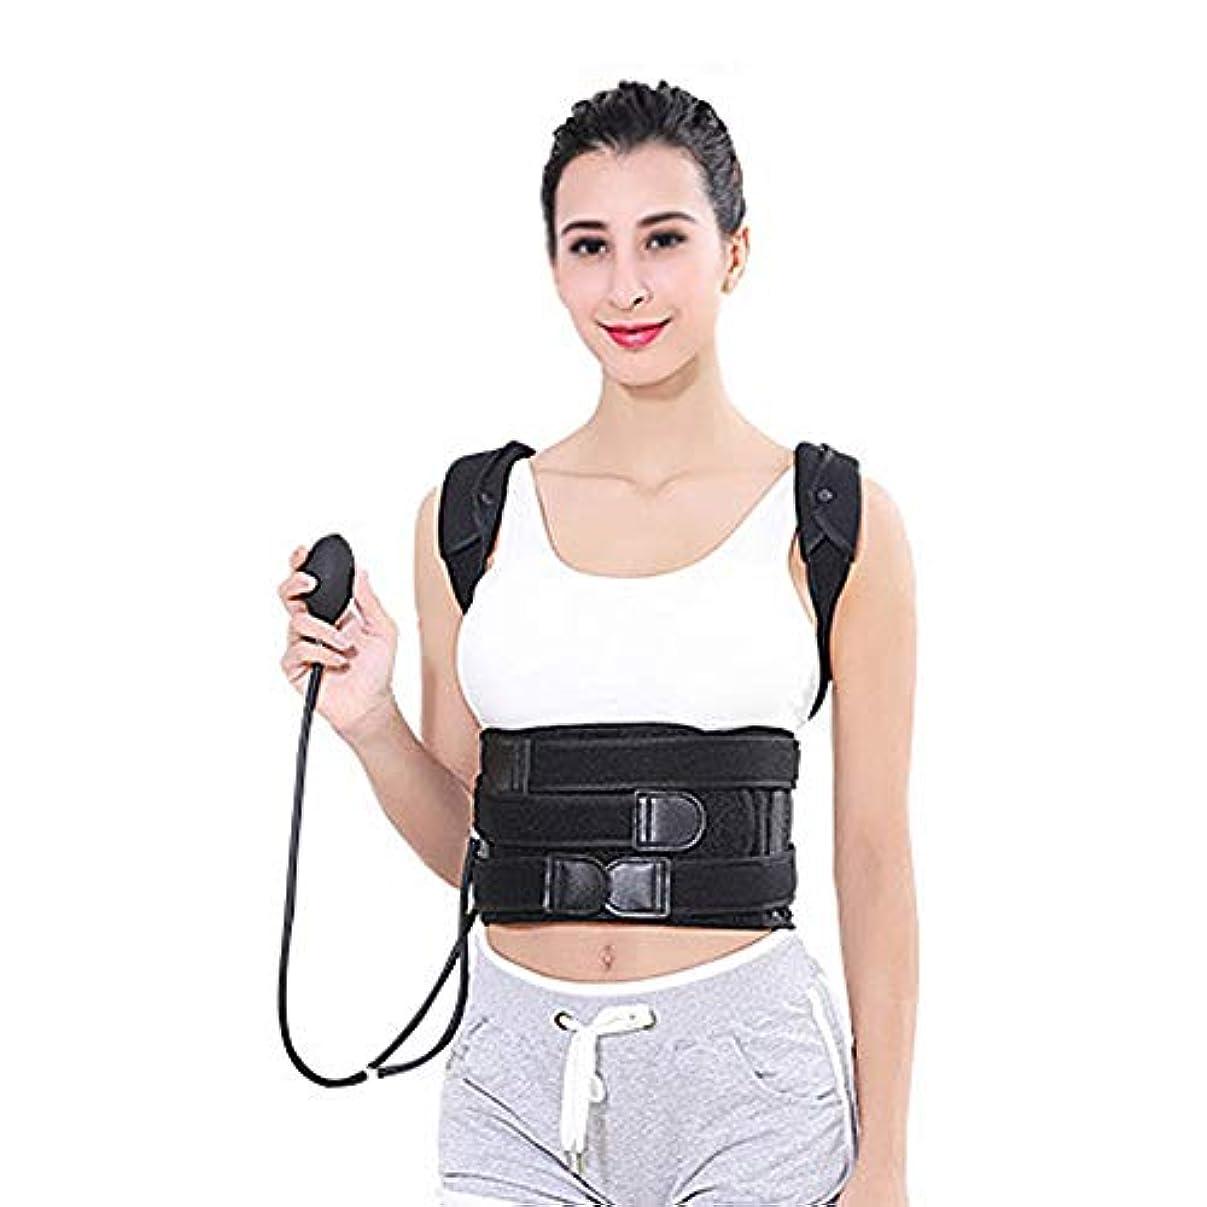 姿勢矯正ベルト - バックポスチャコレクター、サポート鎖骨ショルダーストレイテナアッパーにとっておとこ女性/キッズハングバック、空気圧 (Color : Black, Size : L)